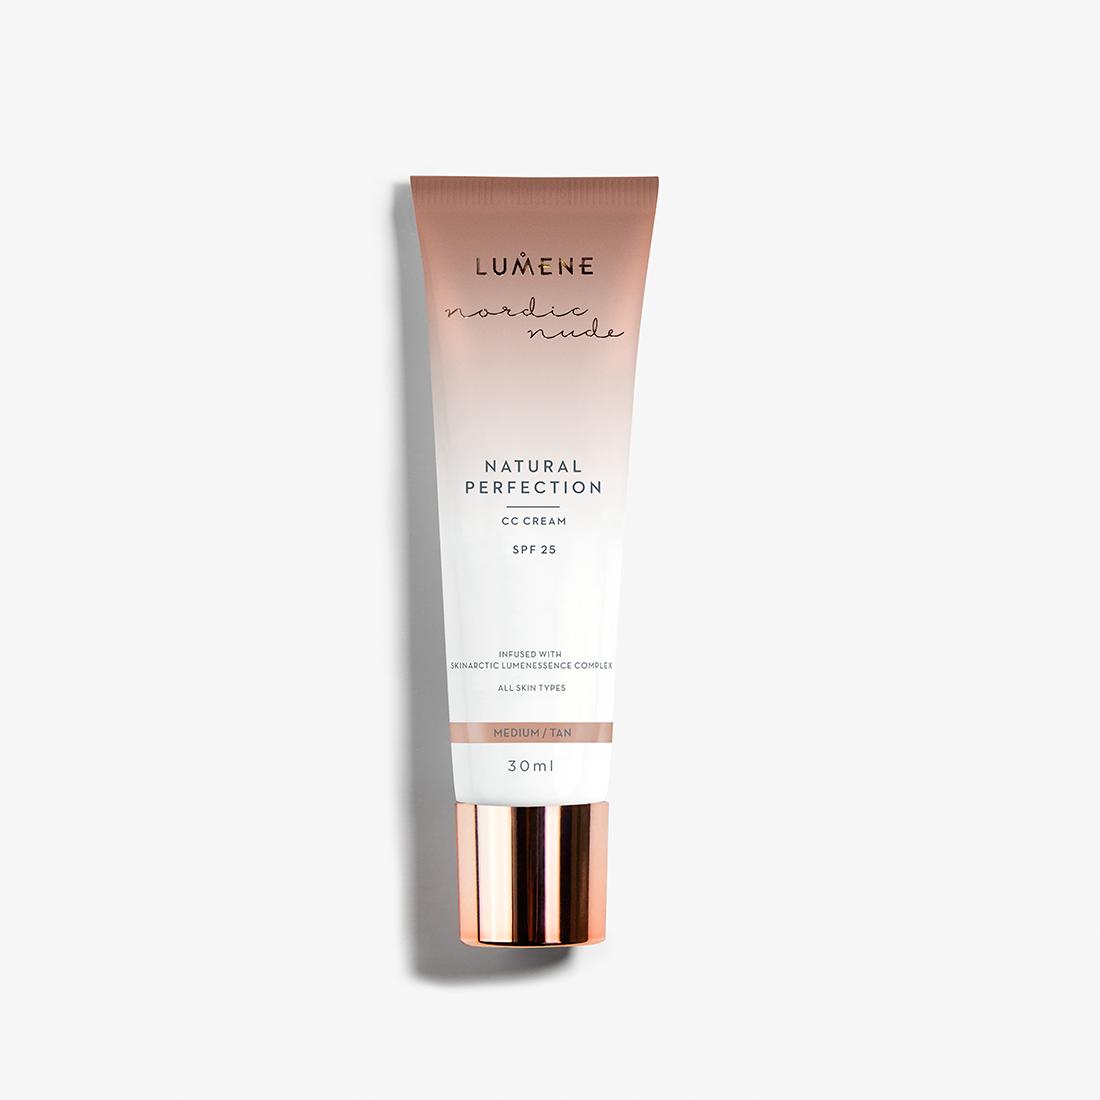 Natural Perfection CC Cream